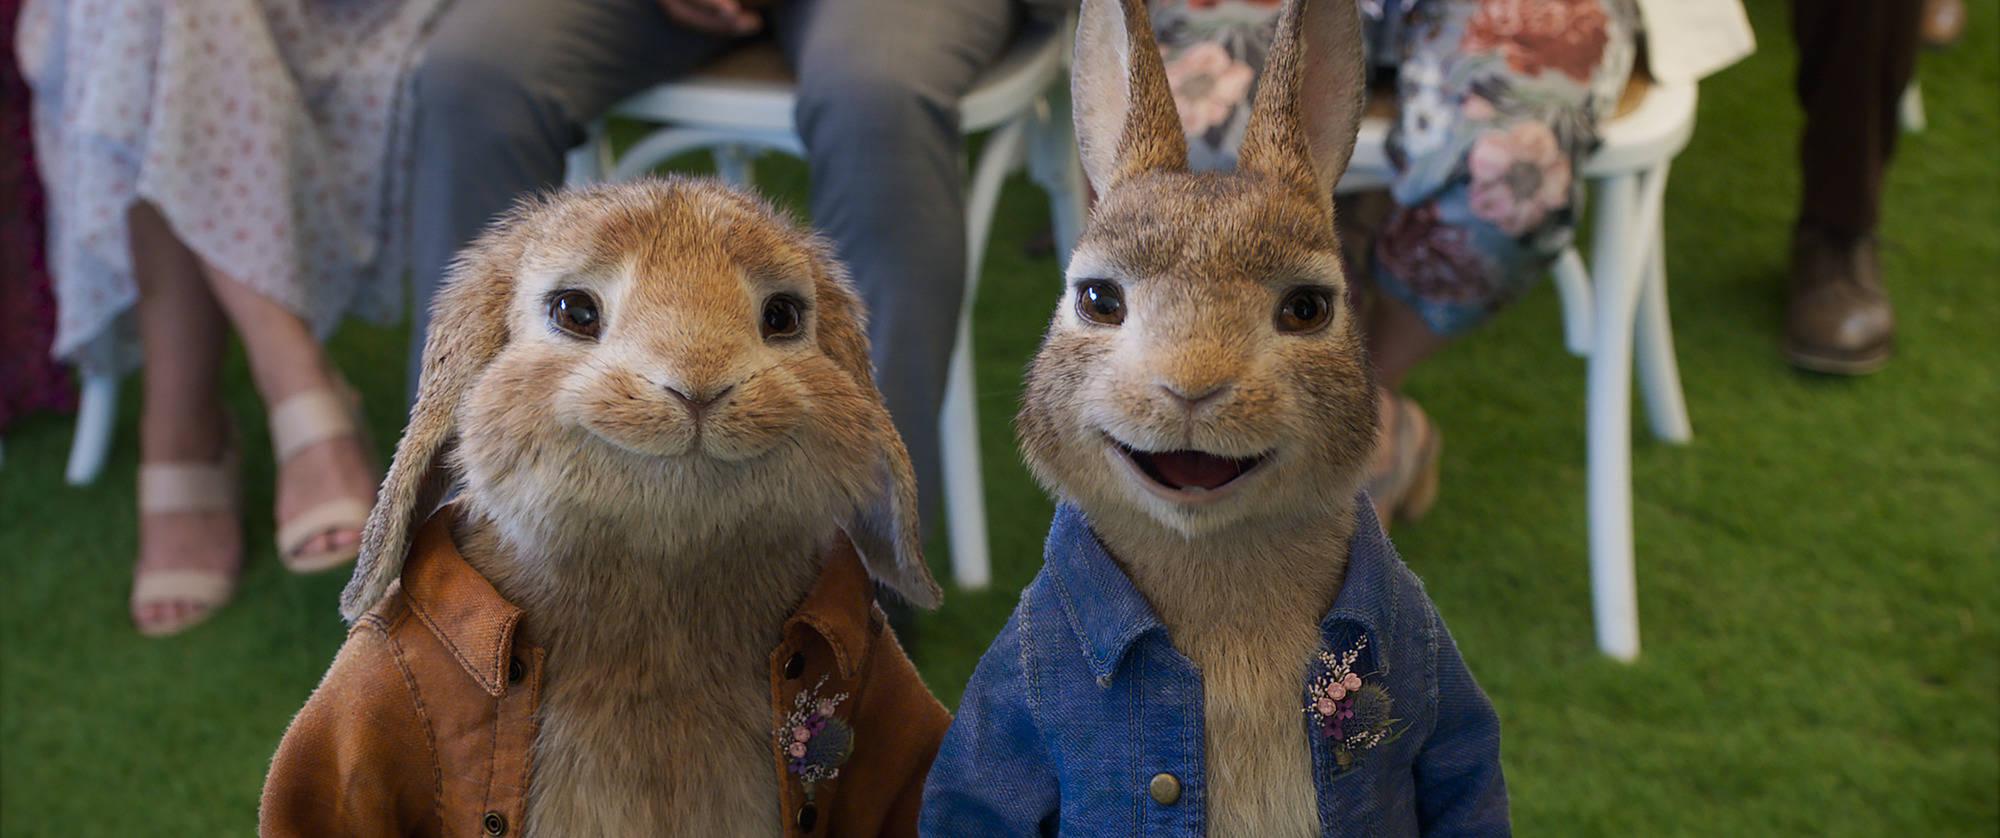 peter_rabbit_2